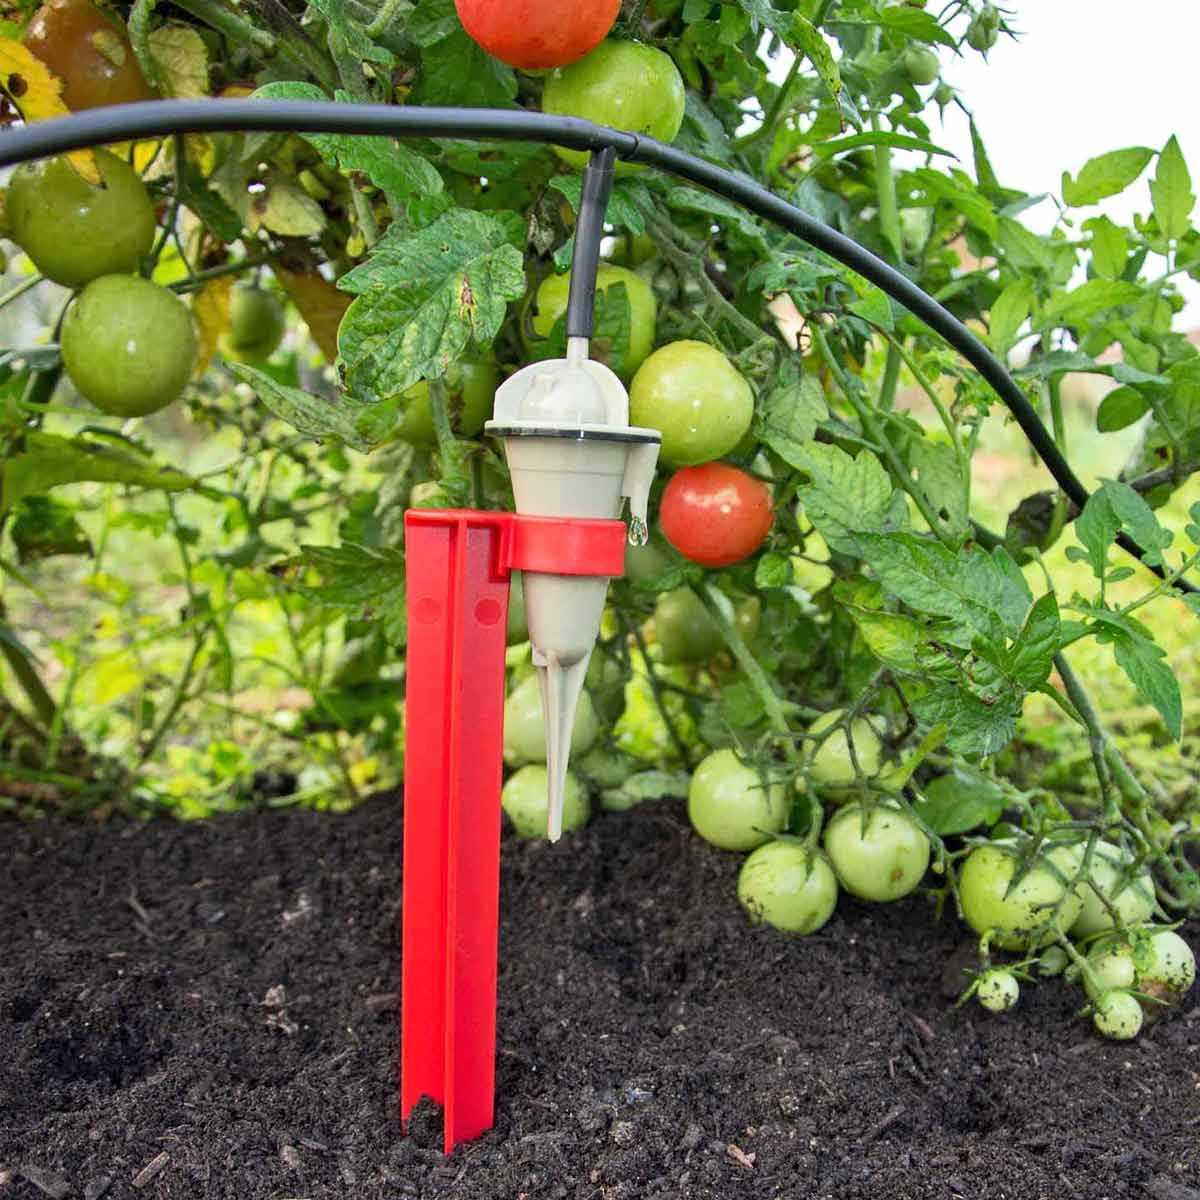 Arrosage Automatique Iriso Goutte A Goutte Jardin Potager encequiconcerne Arrosage Automatique De Jardin